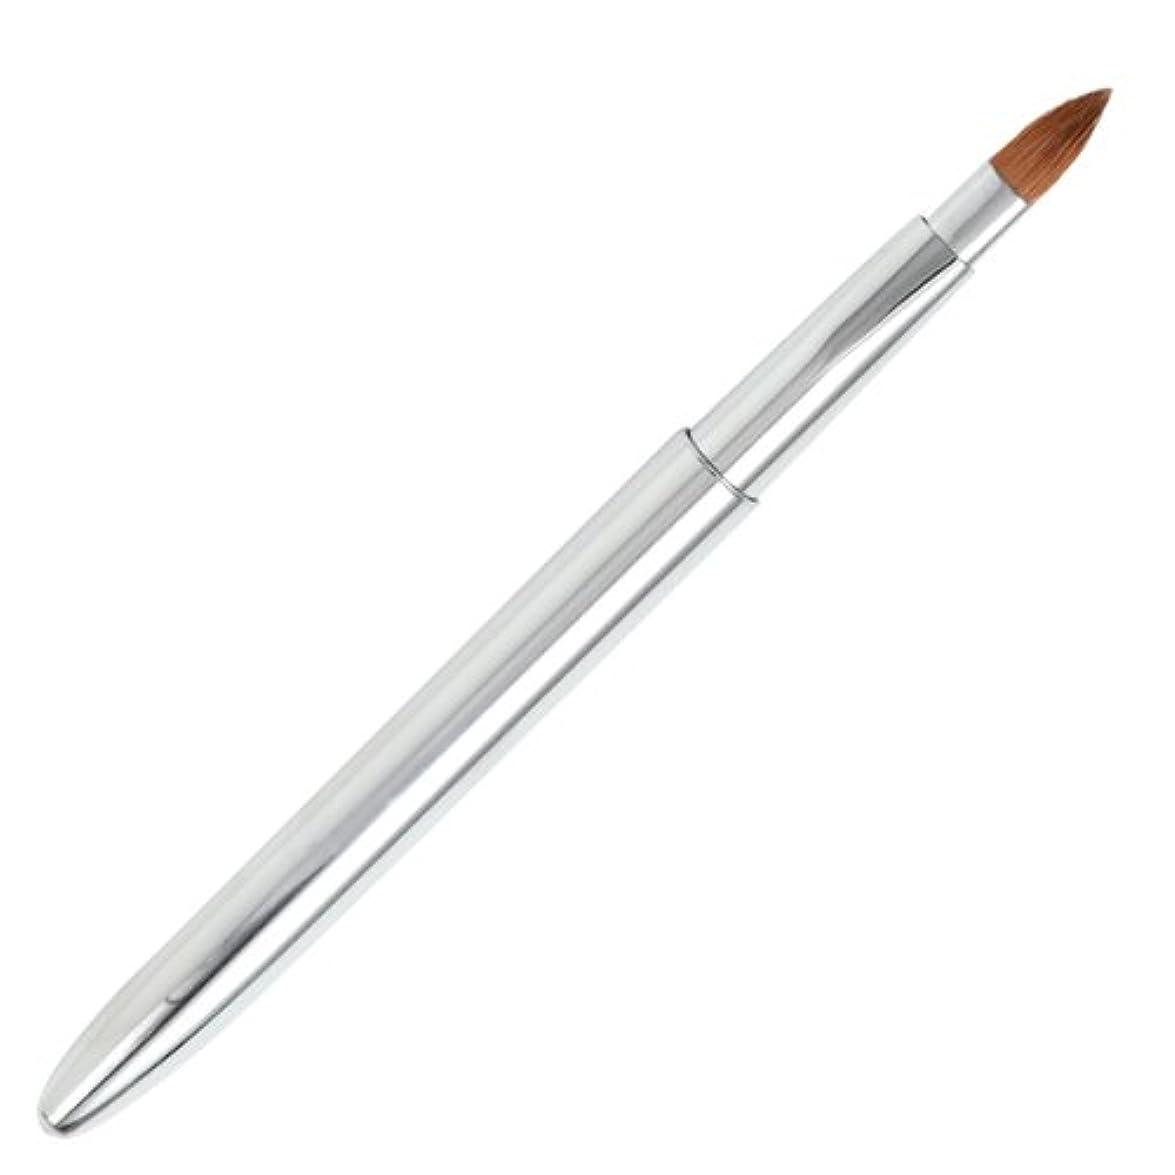 見捨てられた許可請う広島熊野筆 オートリップブラシ 毛質 イタチ L-2